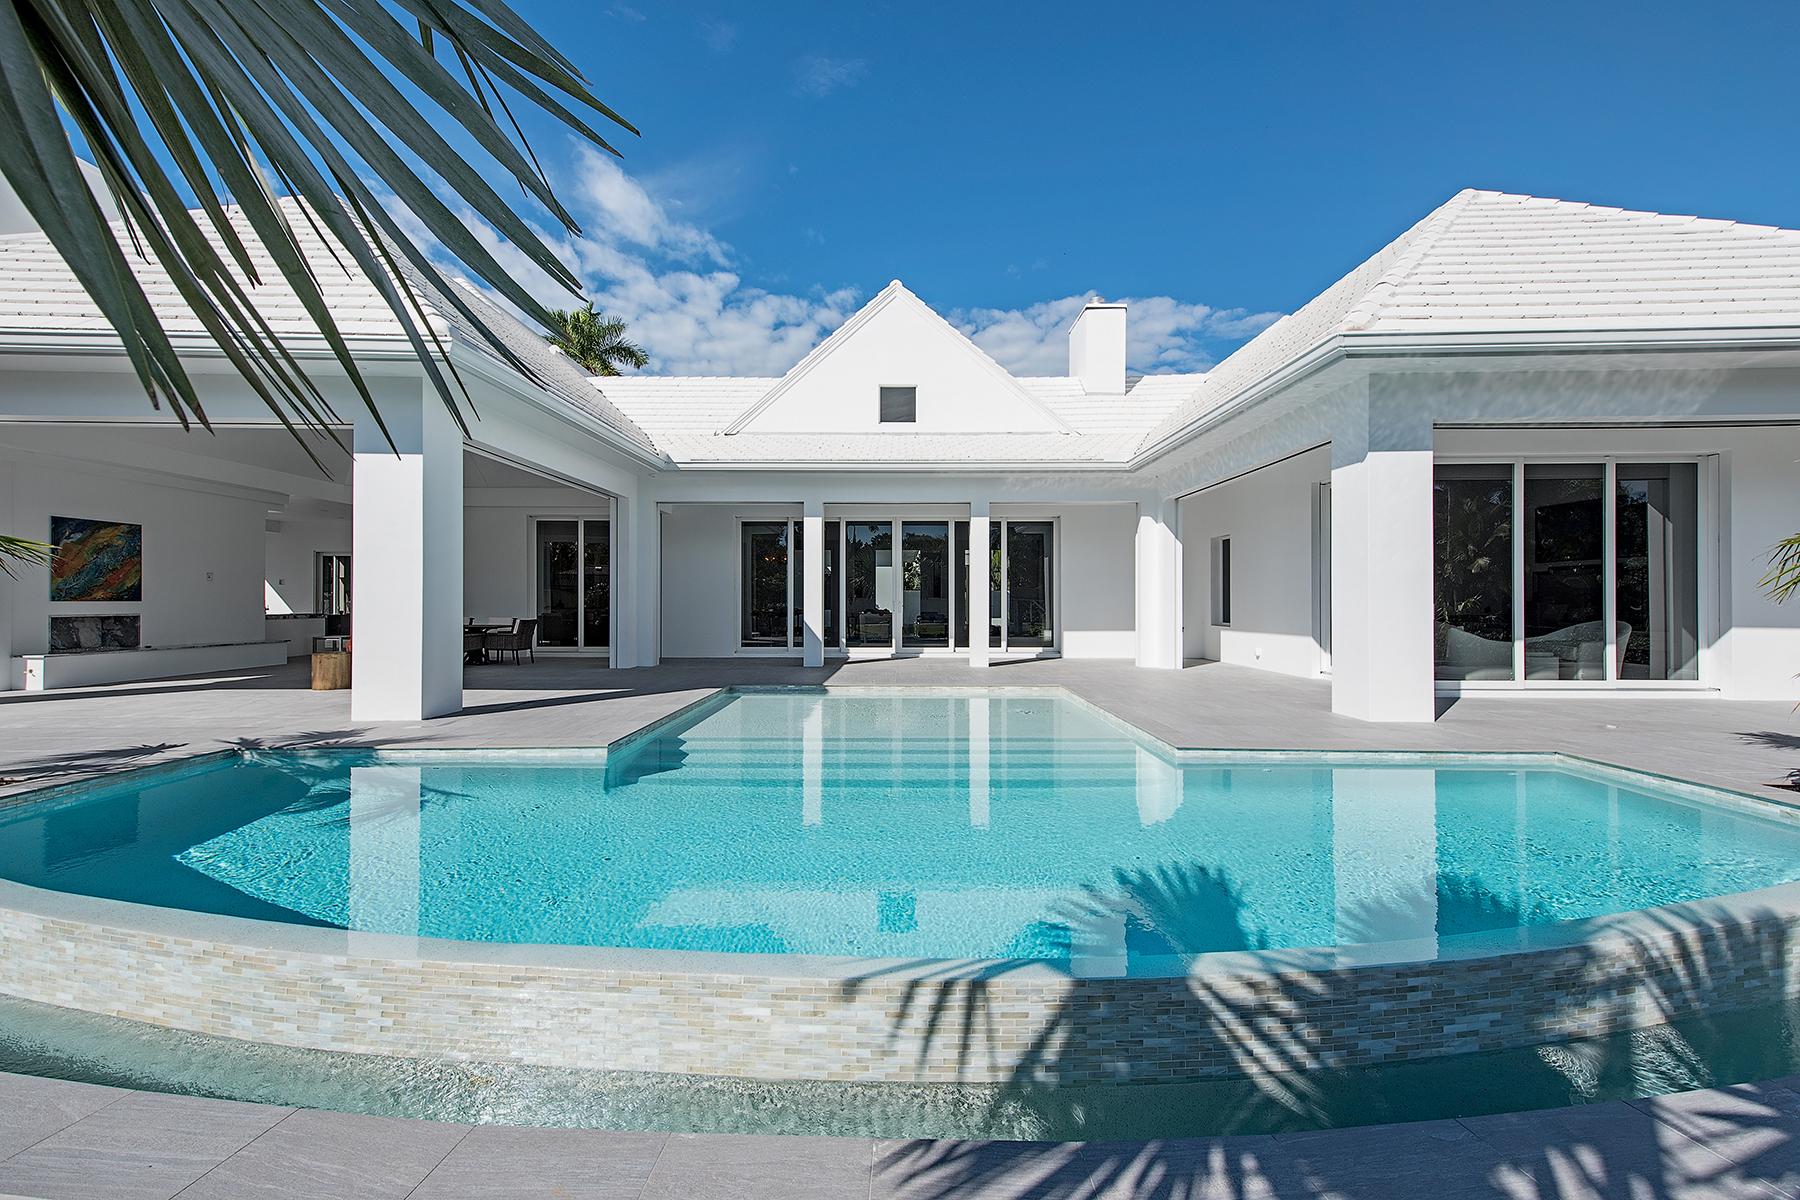 단독 가정 주택 용 매매 에 AQUALANE SHORES 840 17th Ave S Aqualane Shores, Naples, 플로리다 34102 미국